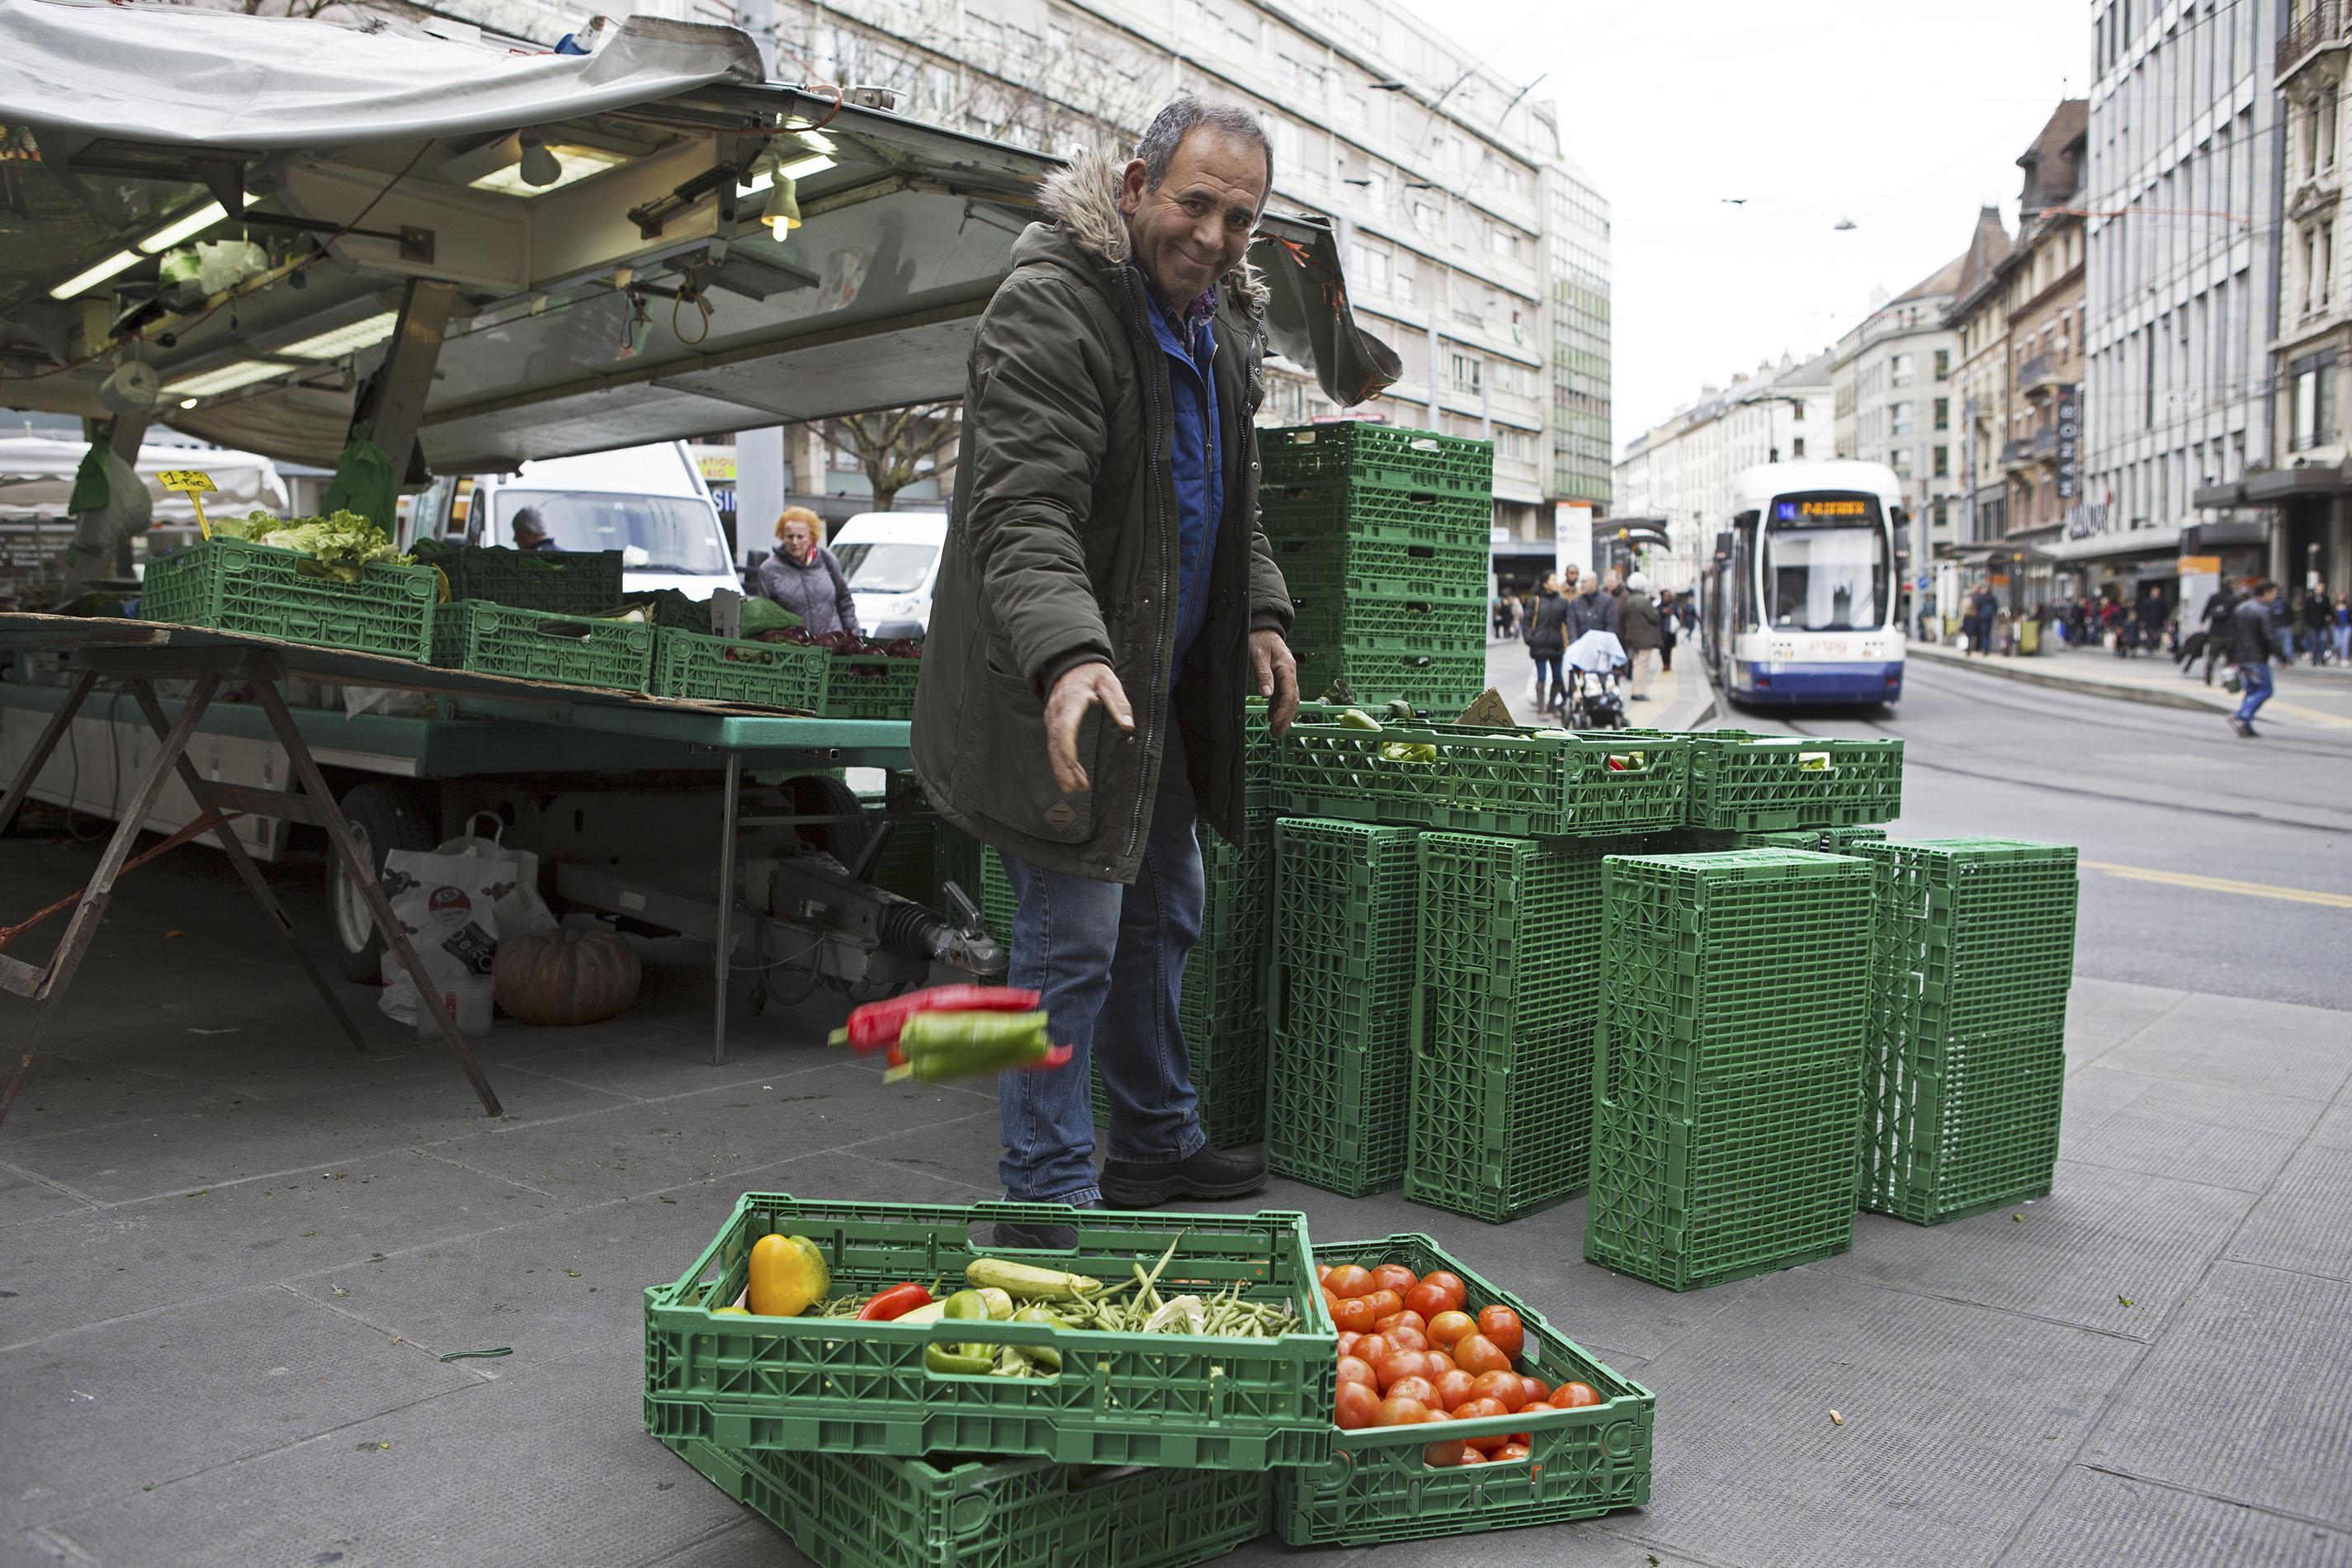 Lorsque le marché prend fin, certains généreux commerçants donnent à l'association des fruits et légumes.